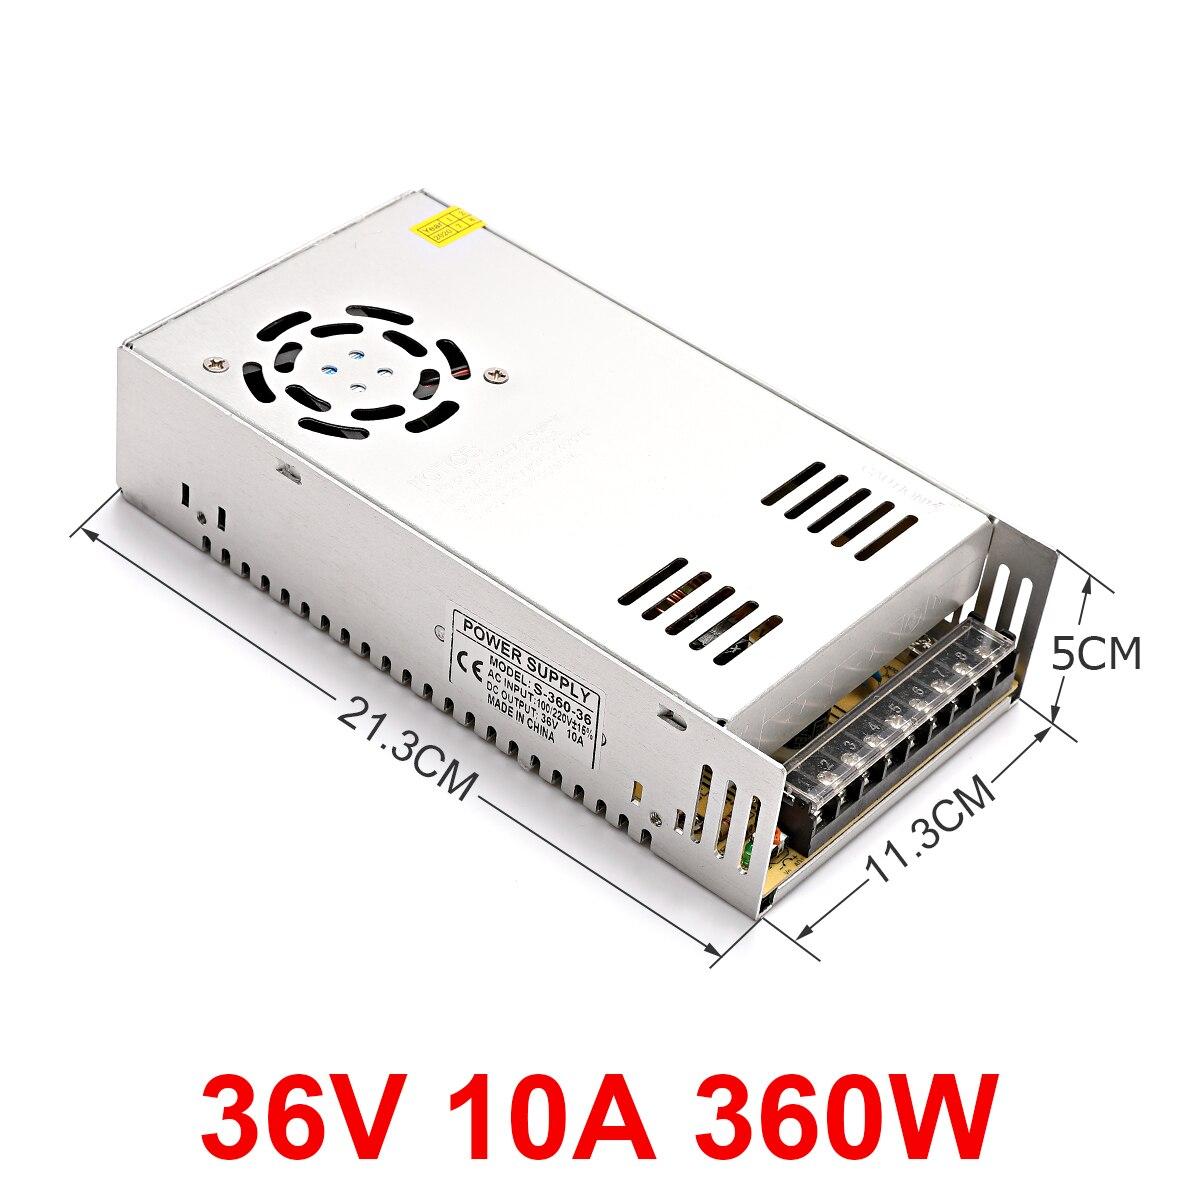 تحويل التيار الكهربائي مصباح محول 36 فولت 10A 360 واط LED قطاع مغلق الدائرة التلفزيون محول